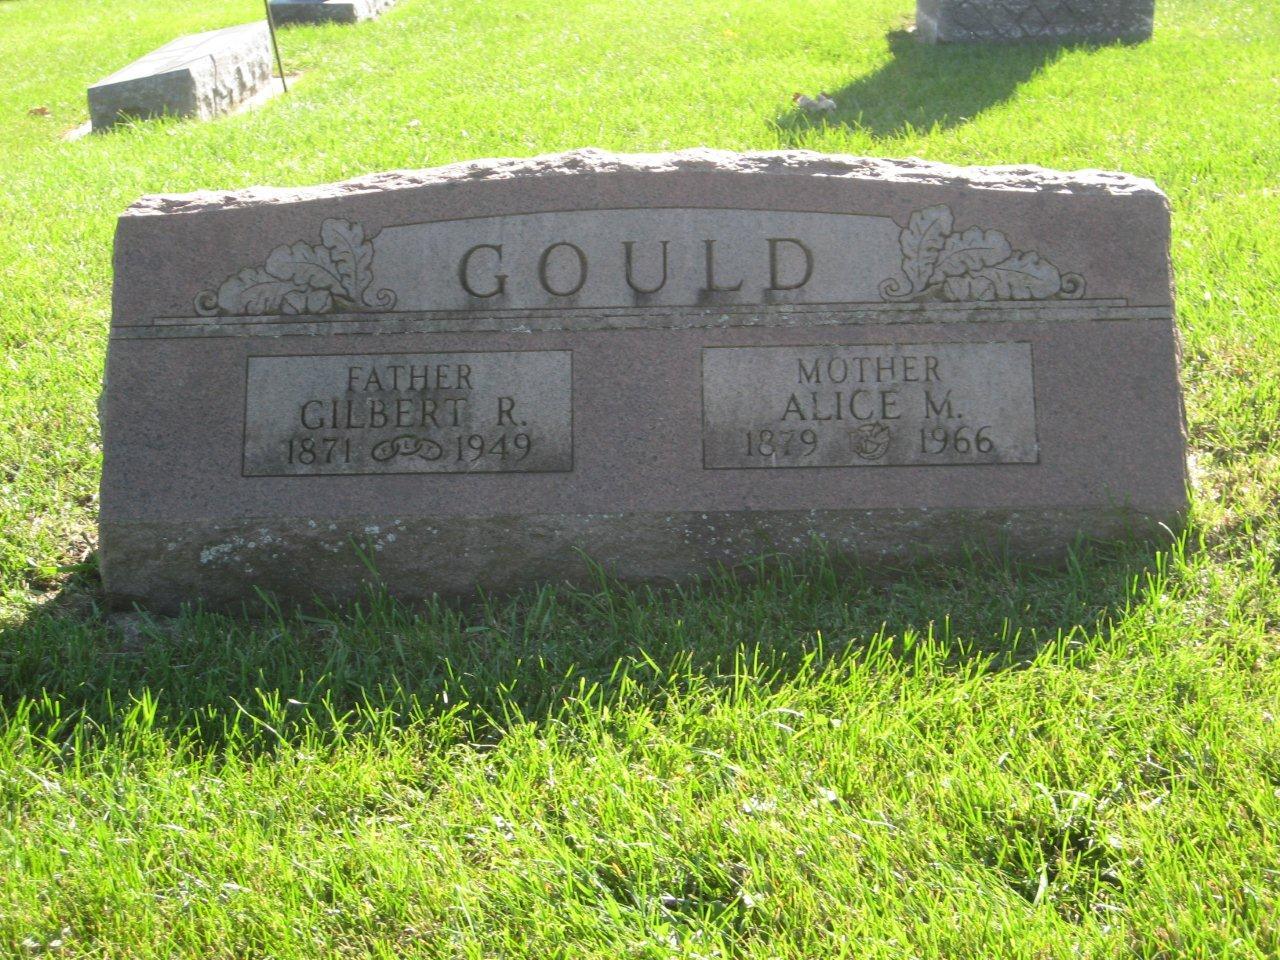 Gilbert R. Gould